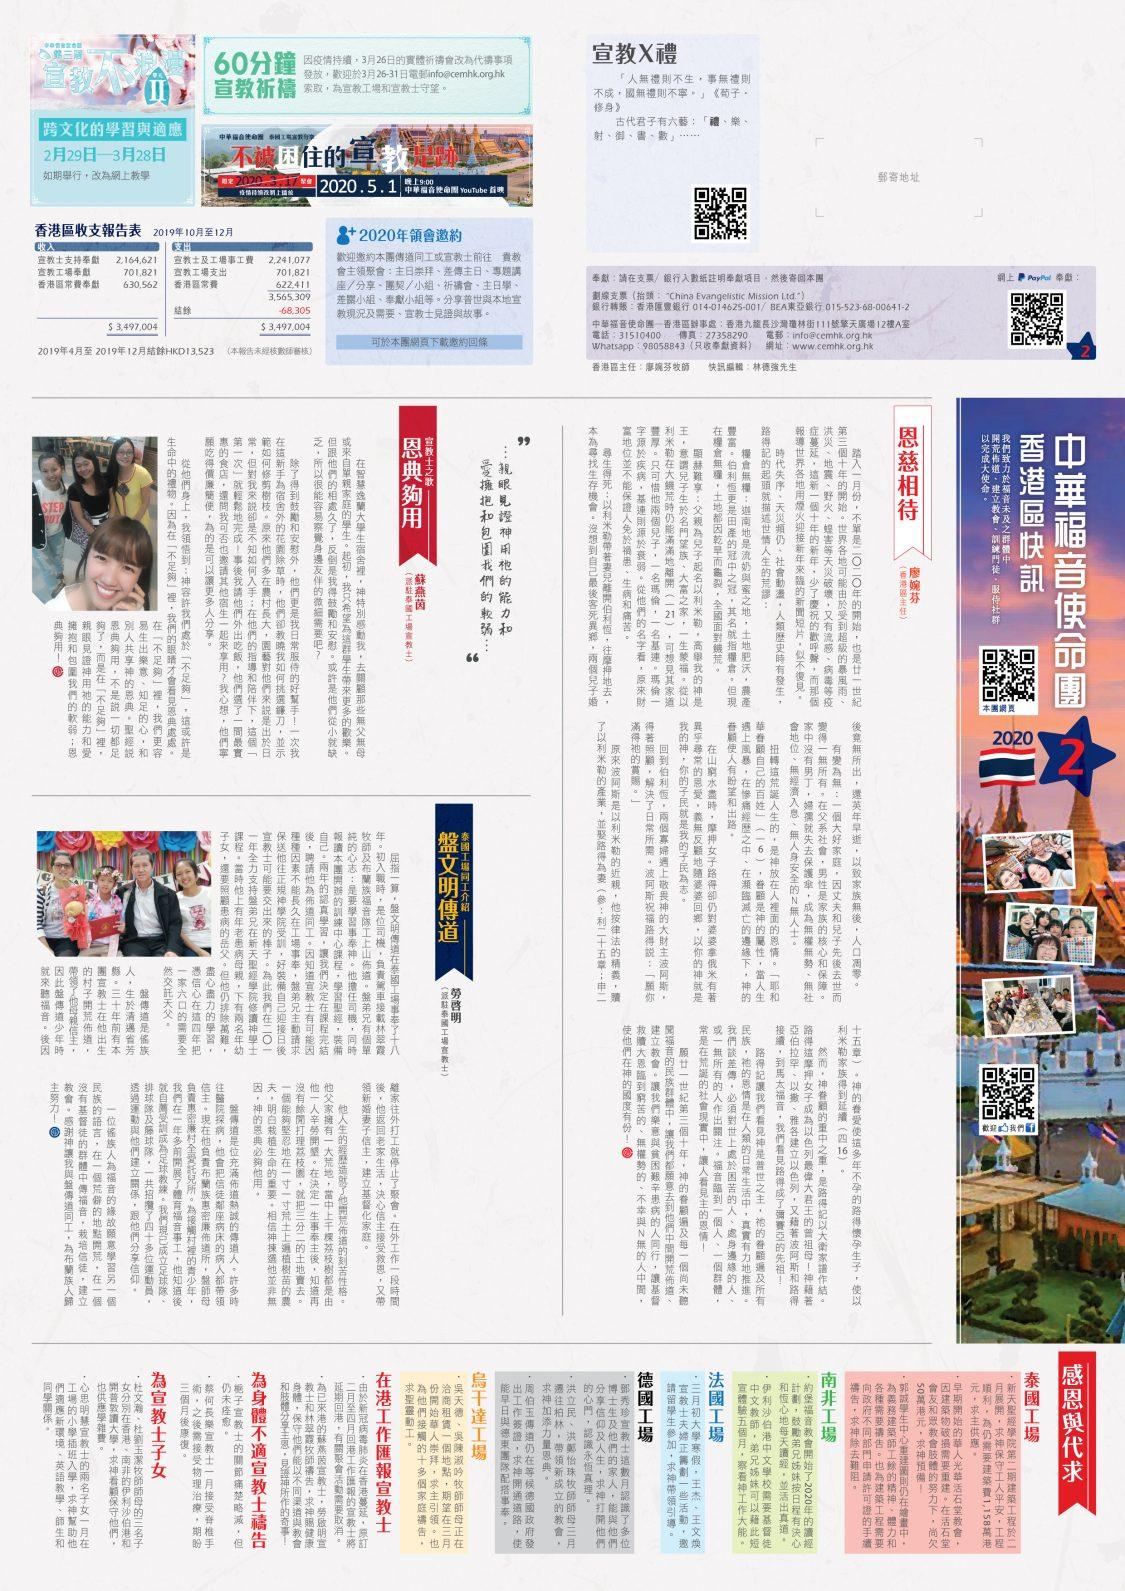 香港區快訊 2020(02)-01